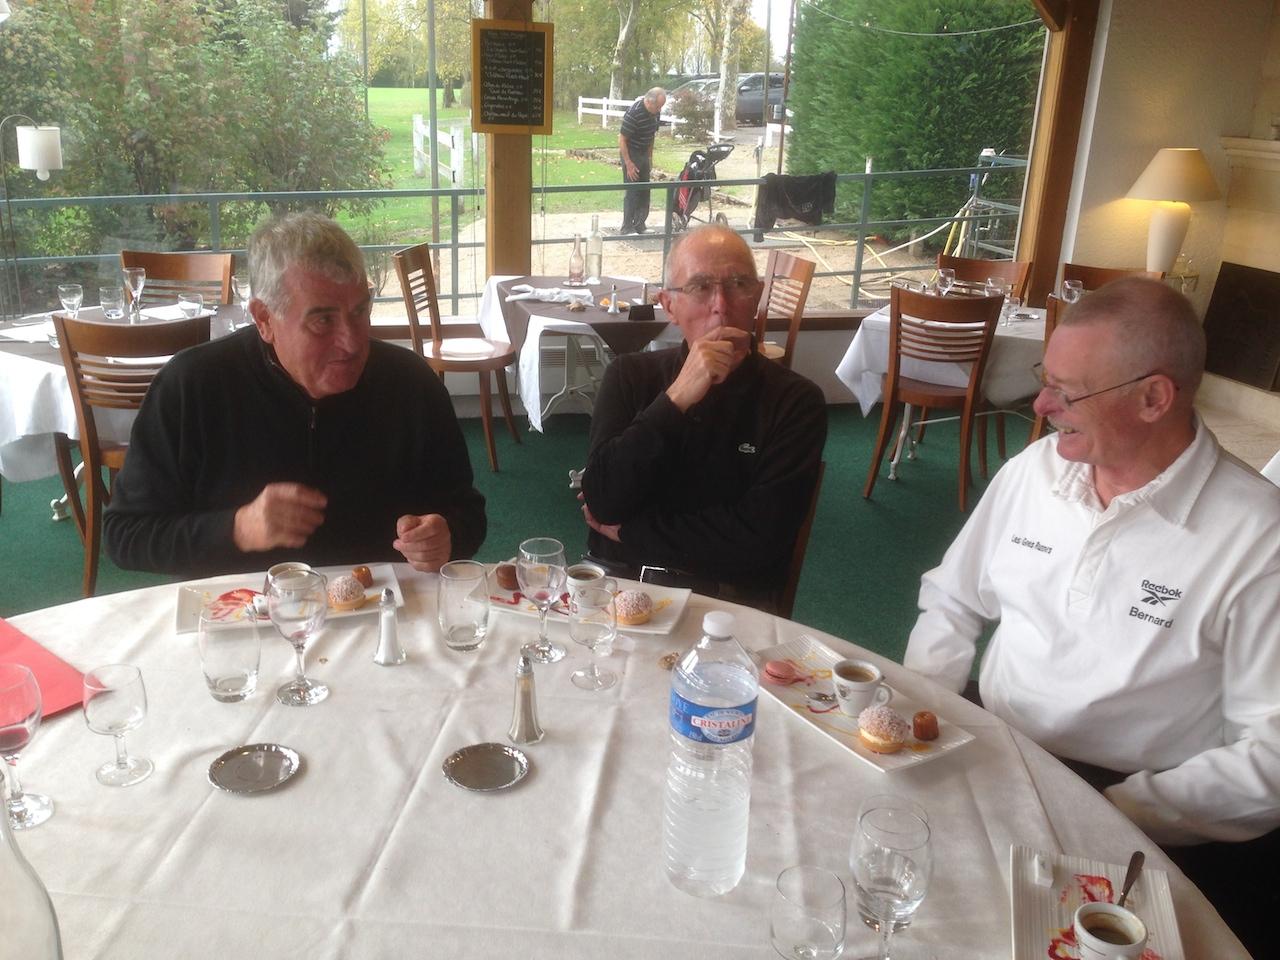 Quelques participants hilares pendant le déjeuner